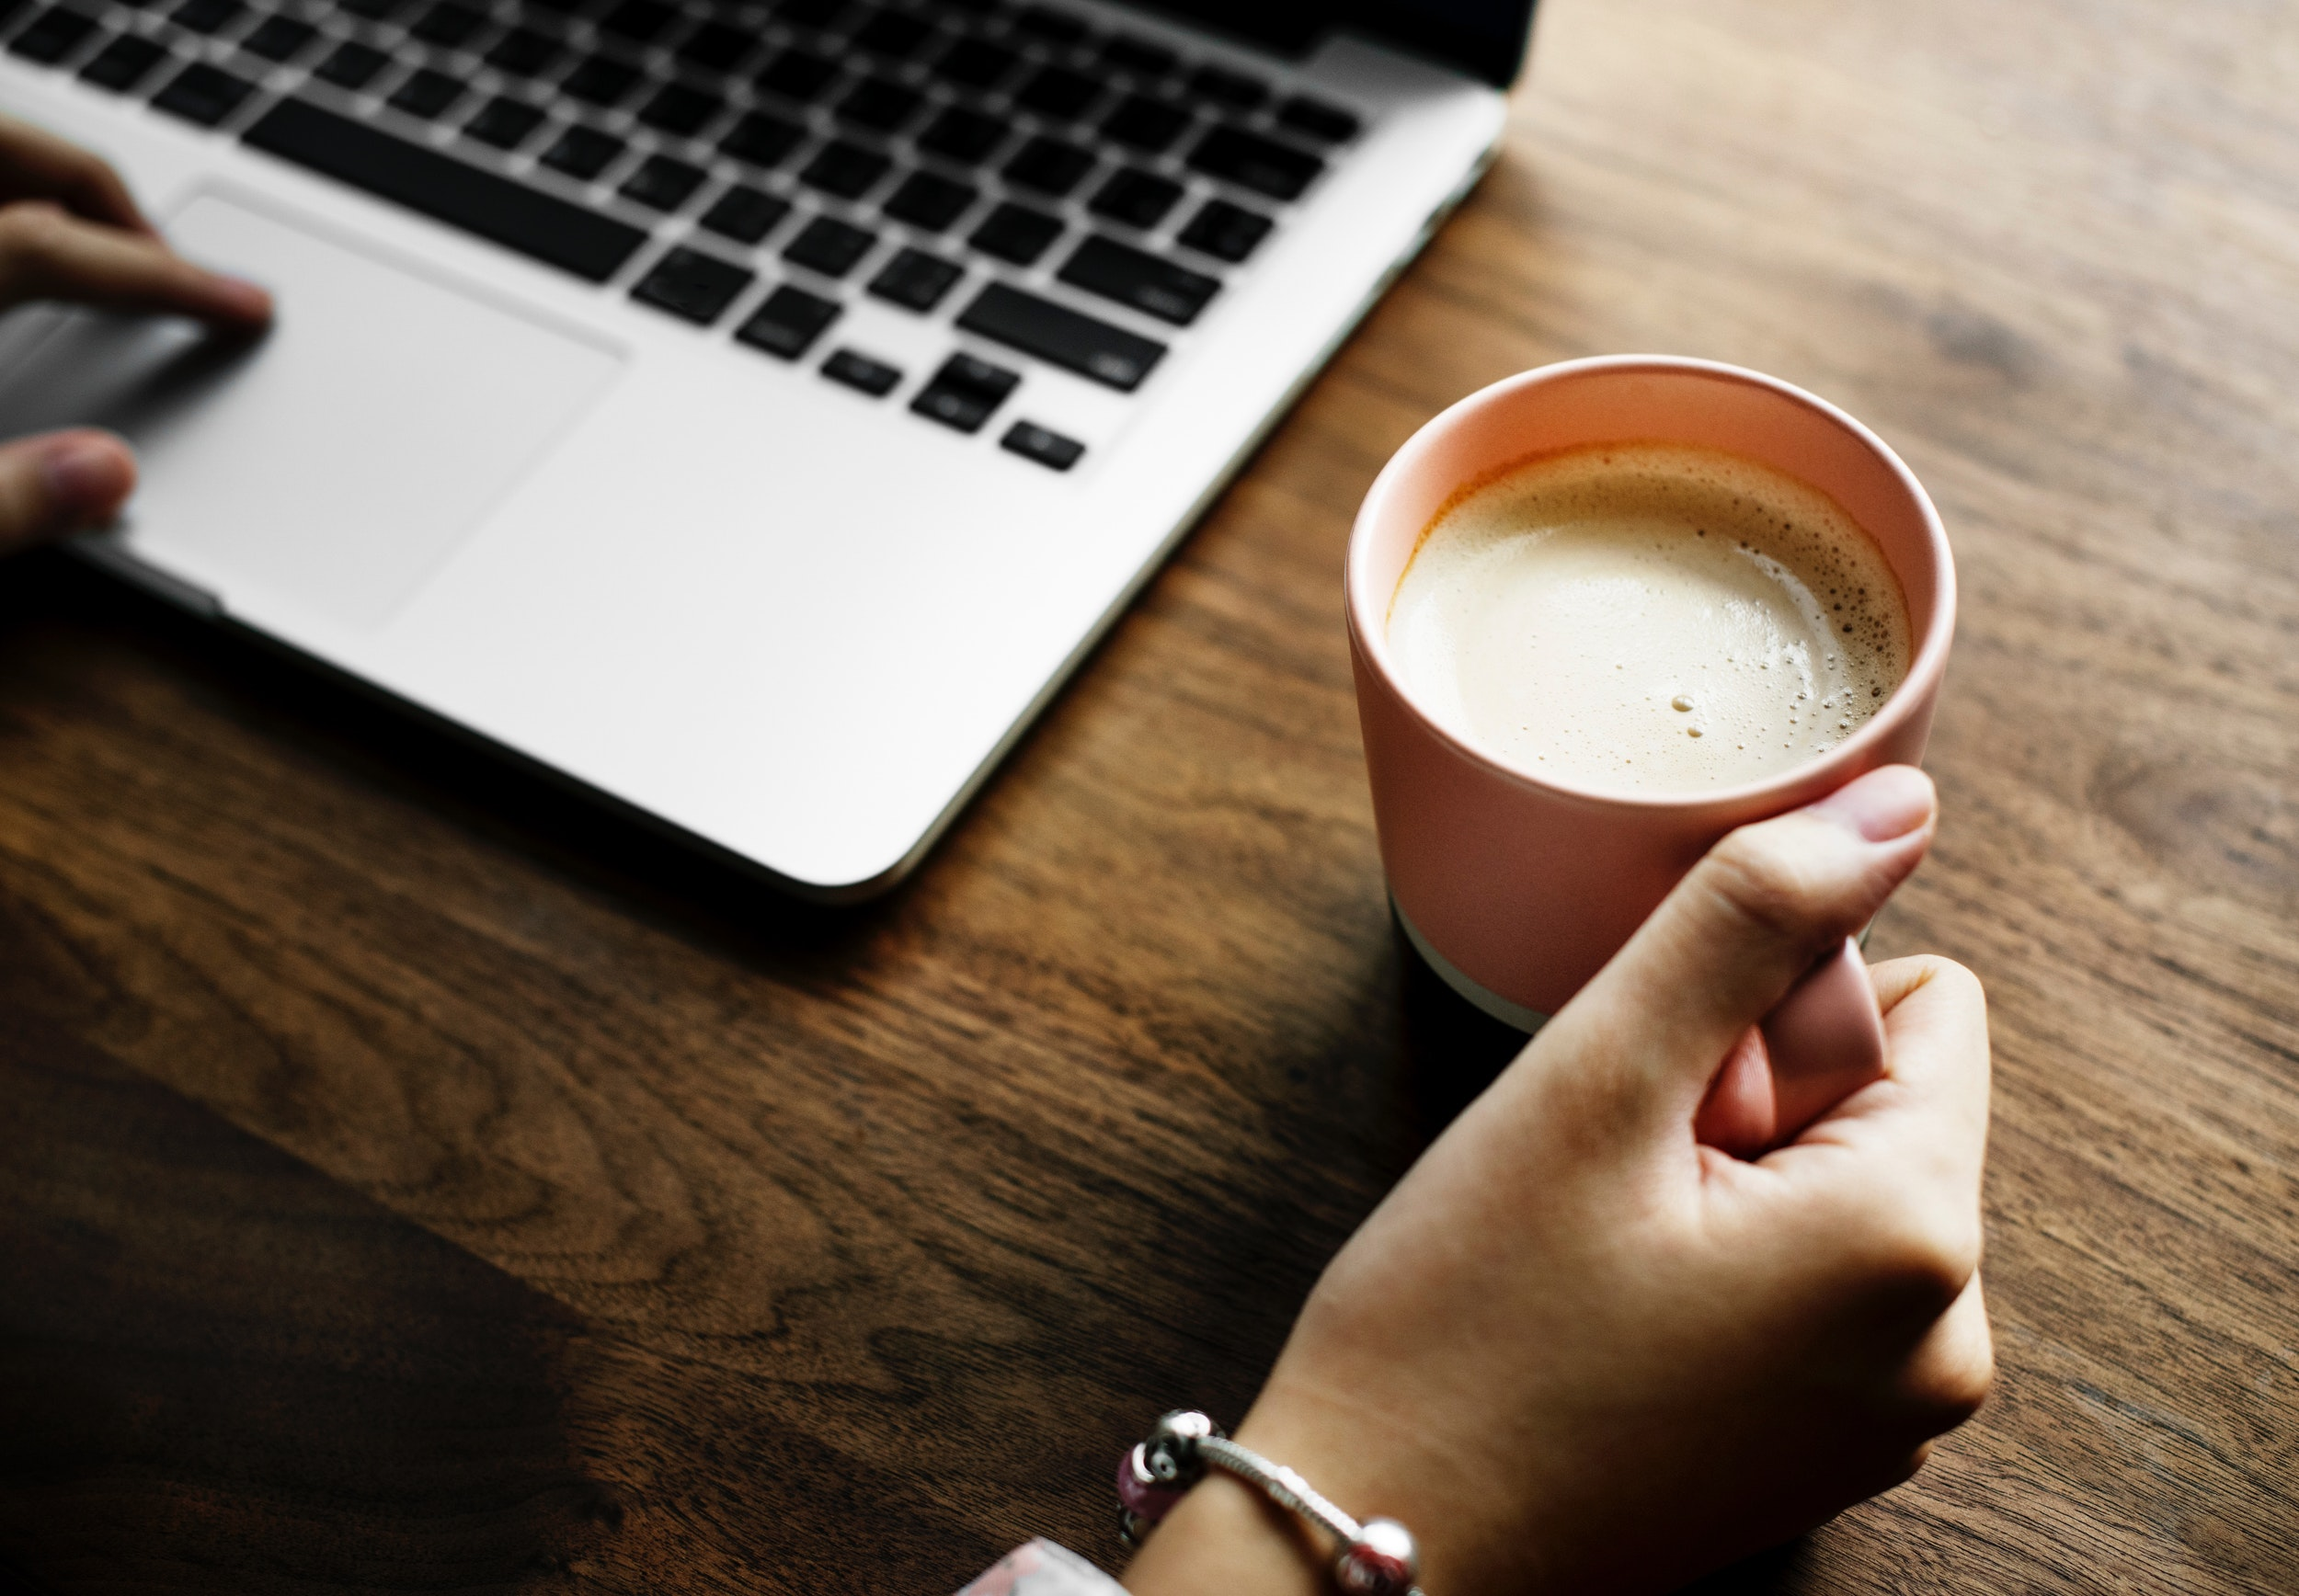 beverage-coffee-cup-984536.jpg